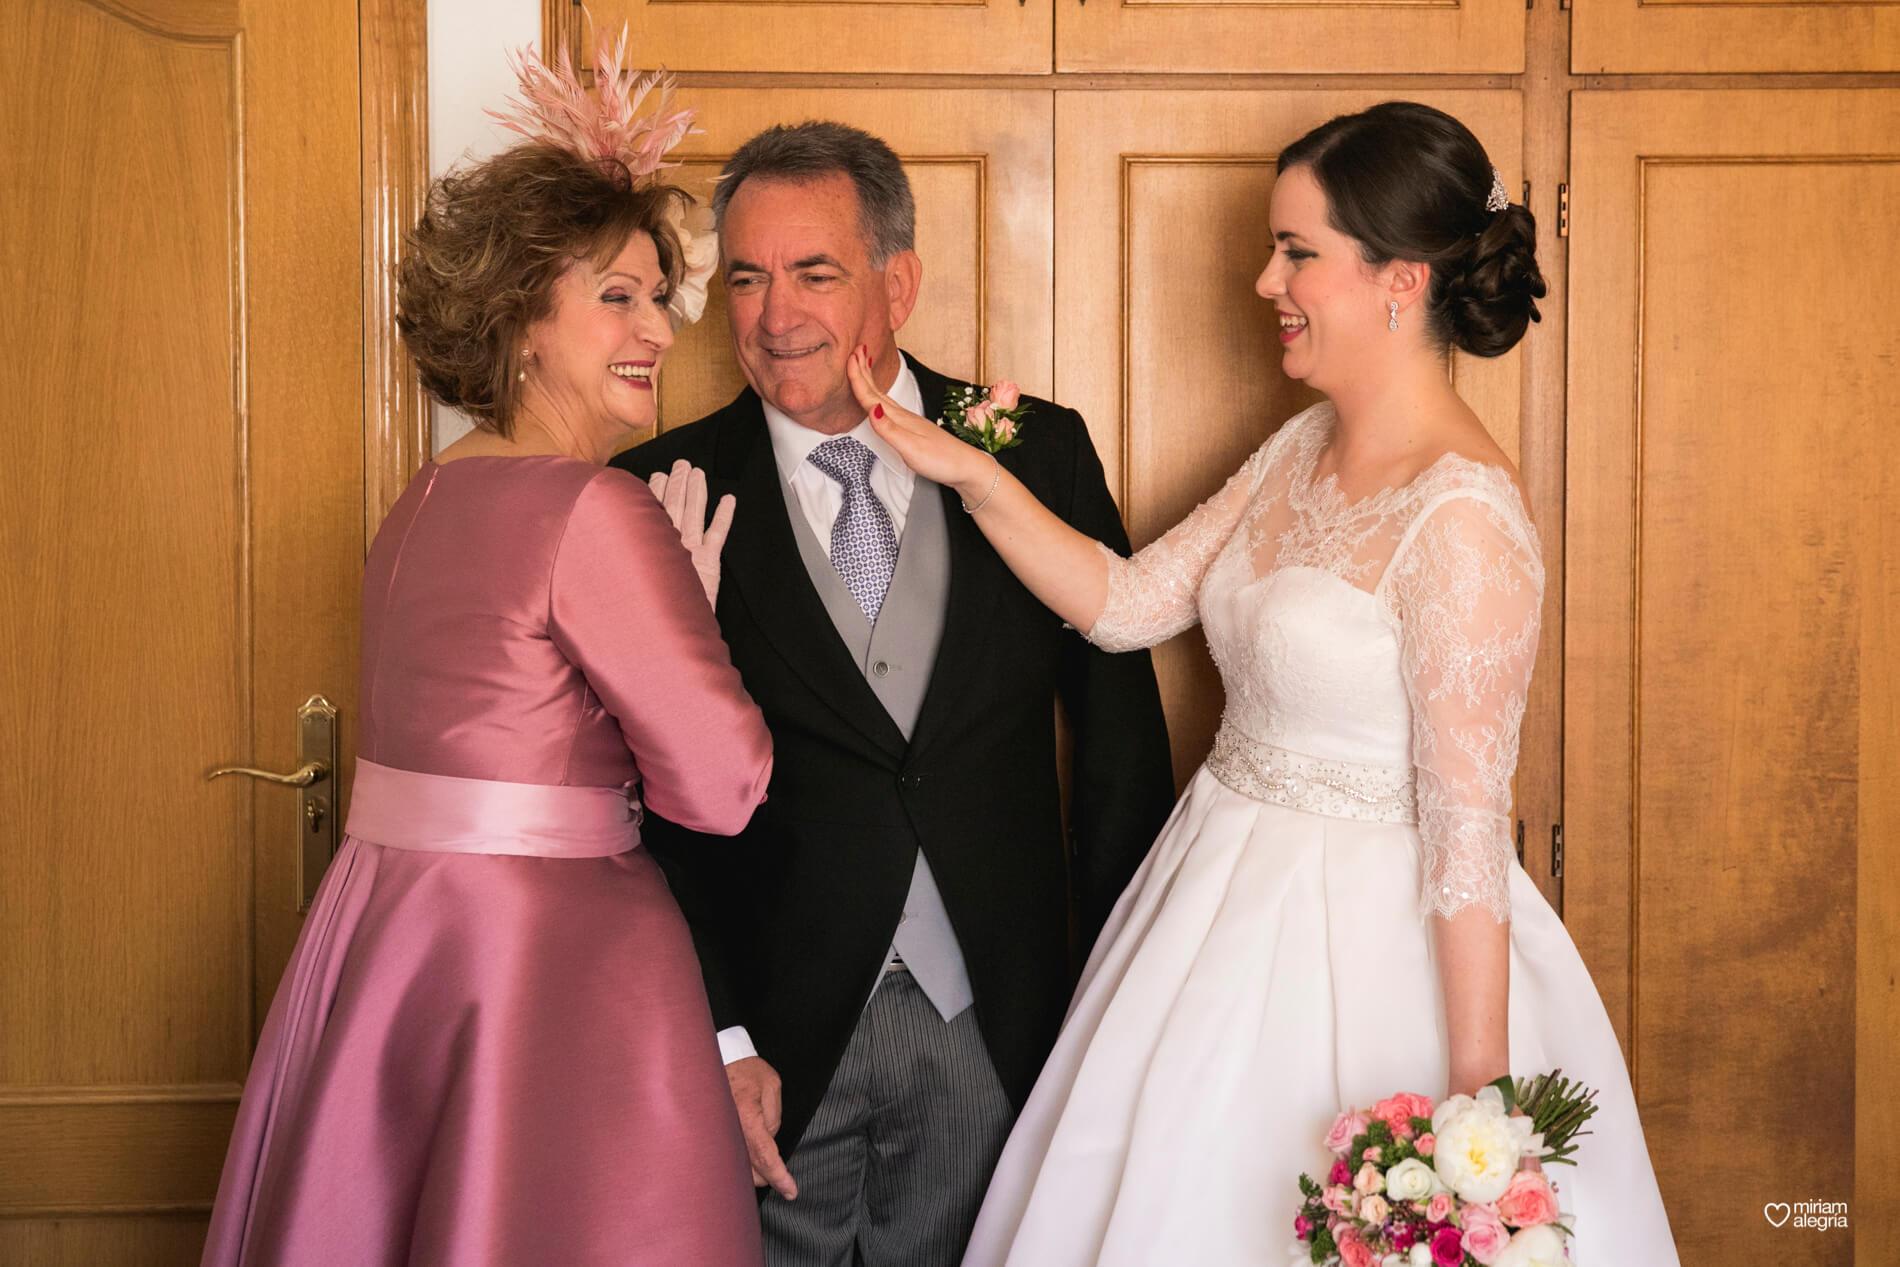 boda-en-el-rincon-huertano-miriam-alegria-fotografos-boda-murcia-24